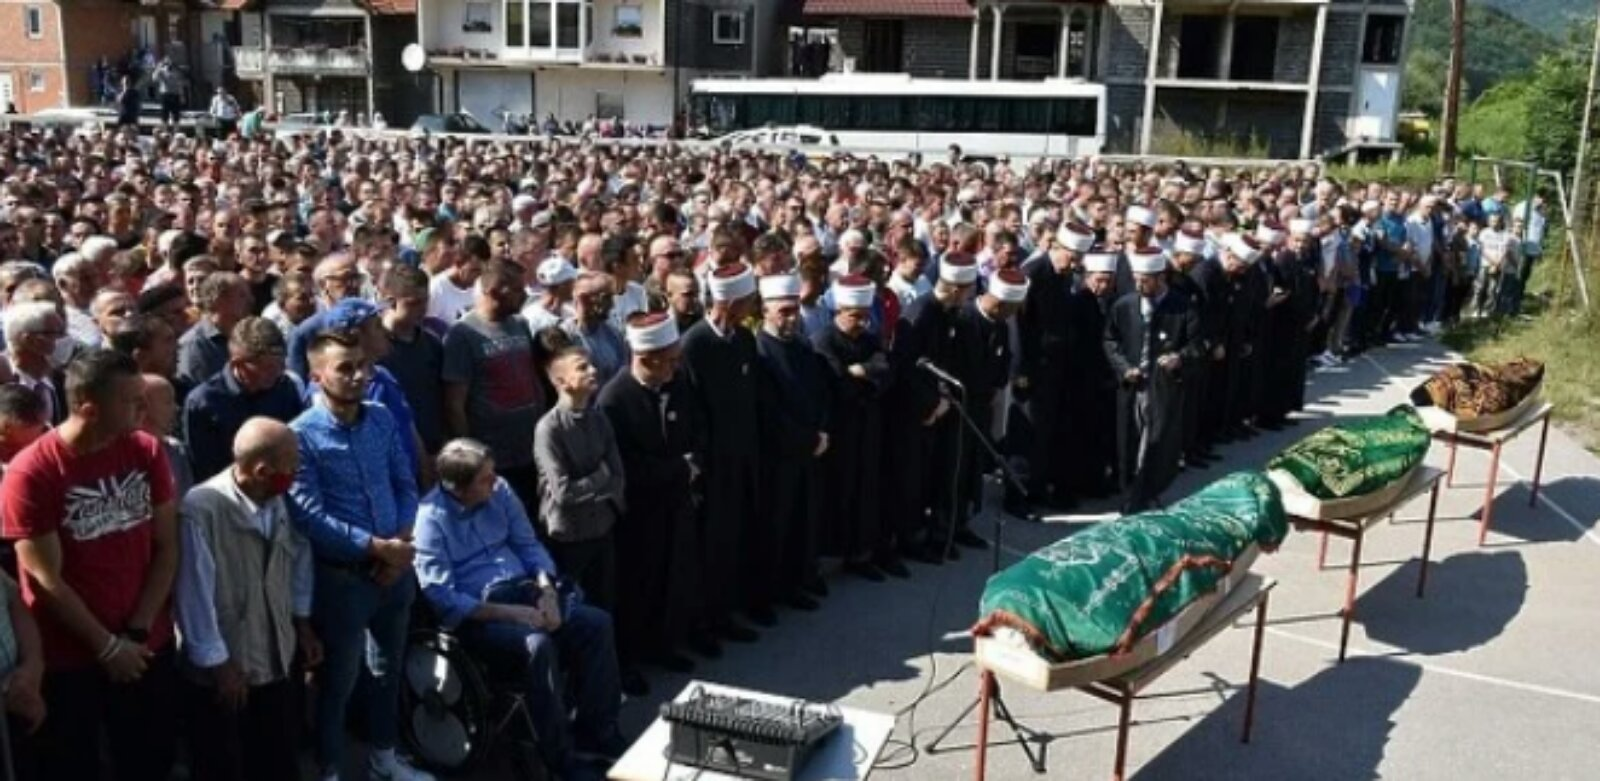 Hiljade ljudi na posljednjem oproštaju od trojice mladića koji su poginuli uoči Bajrama